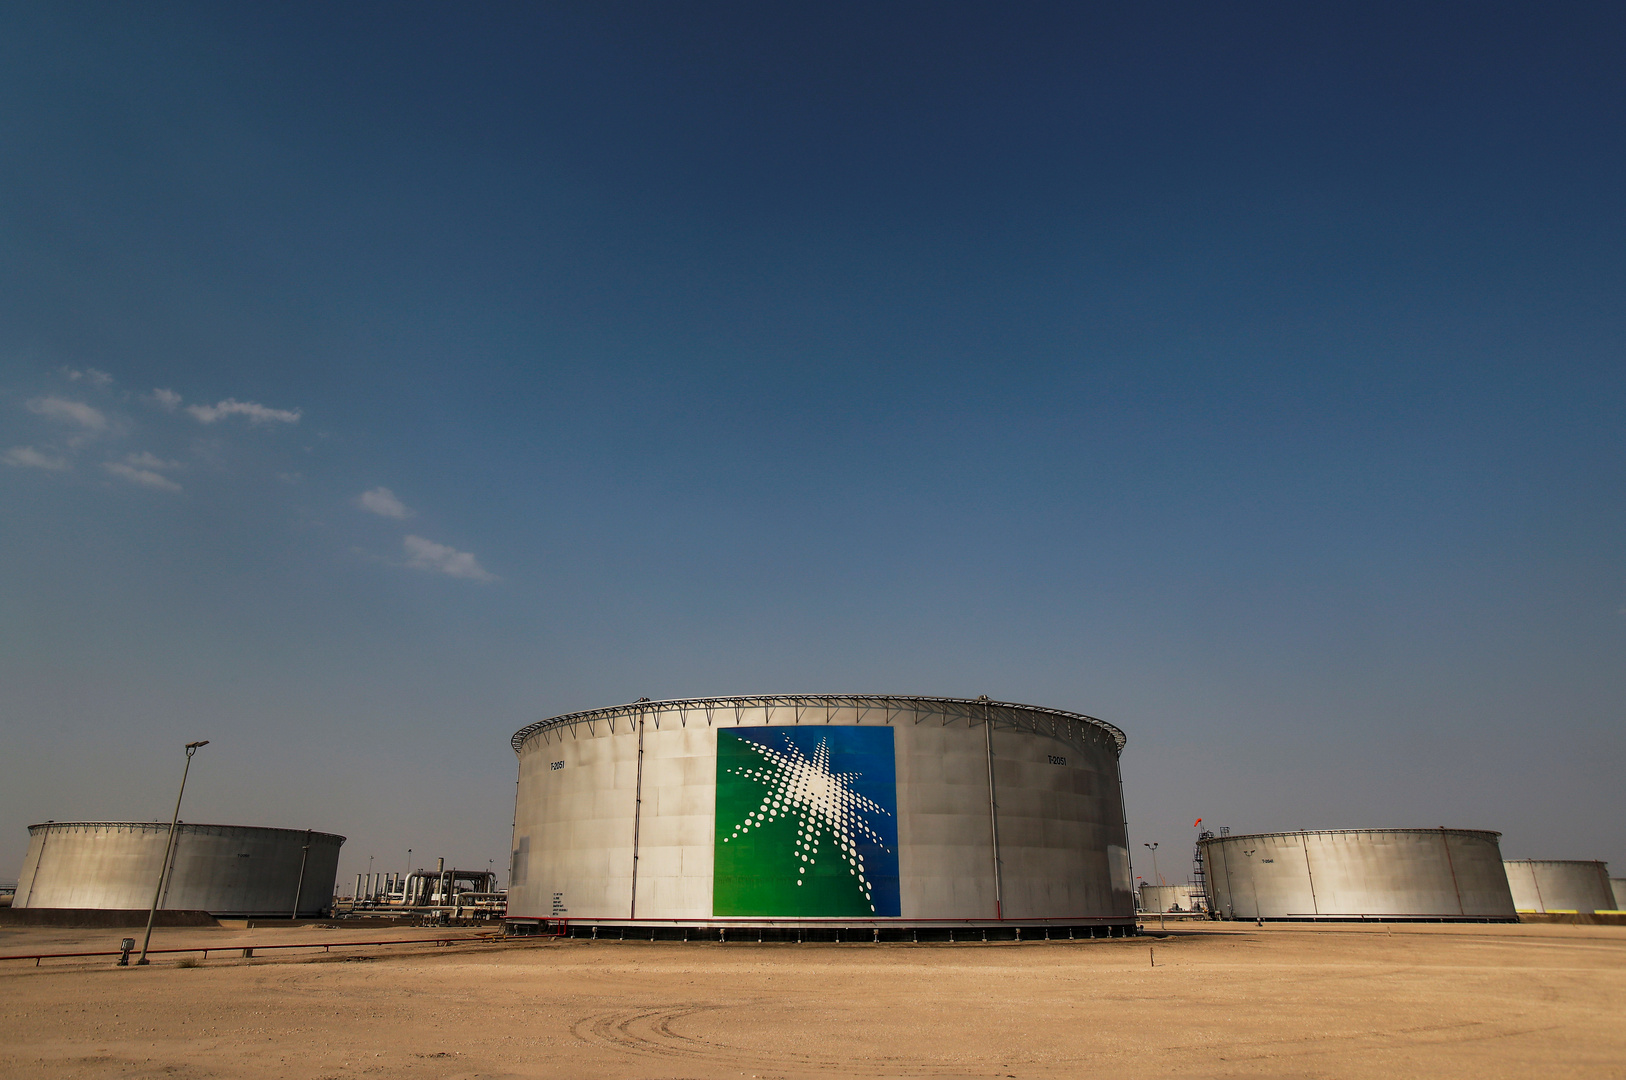 صحيفة: دعوات في وزارة الطاقة الأمريكية لعقد تحالف مع الرياض قد يقود لخروج المملكة من